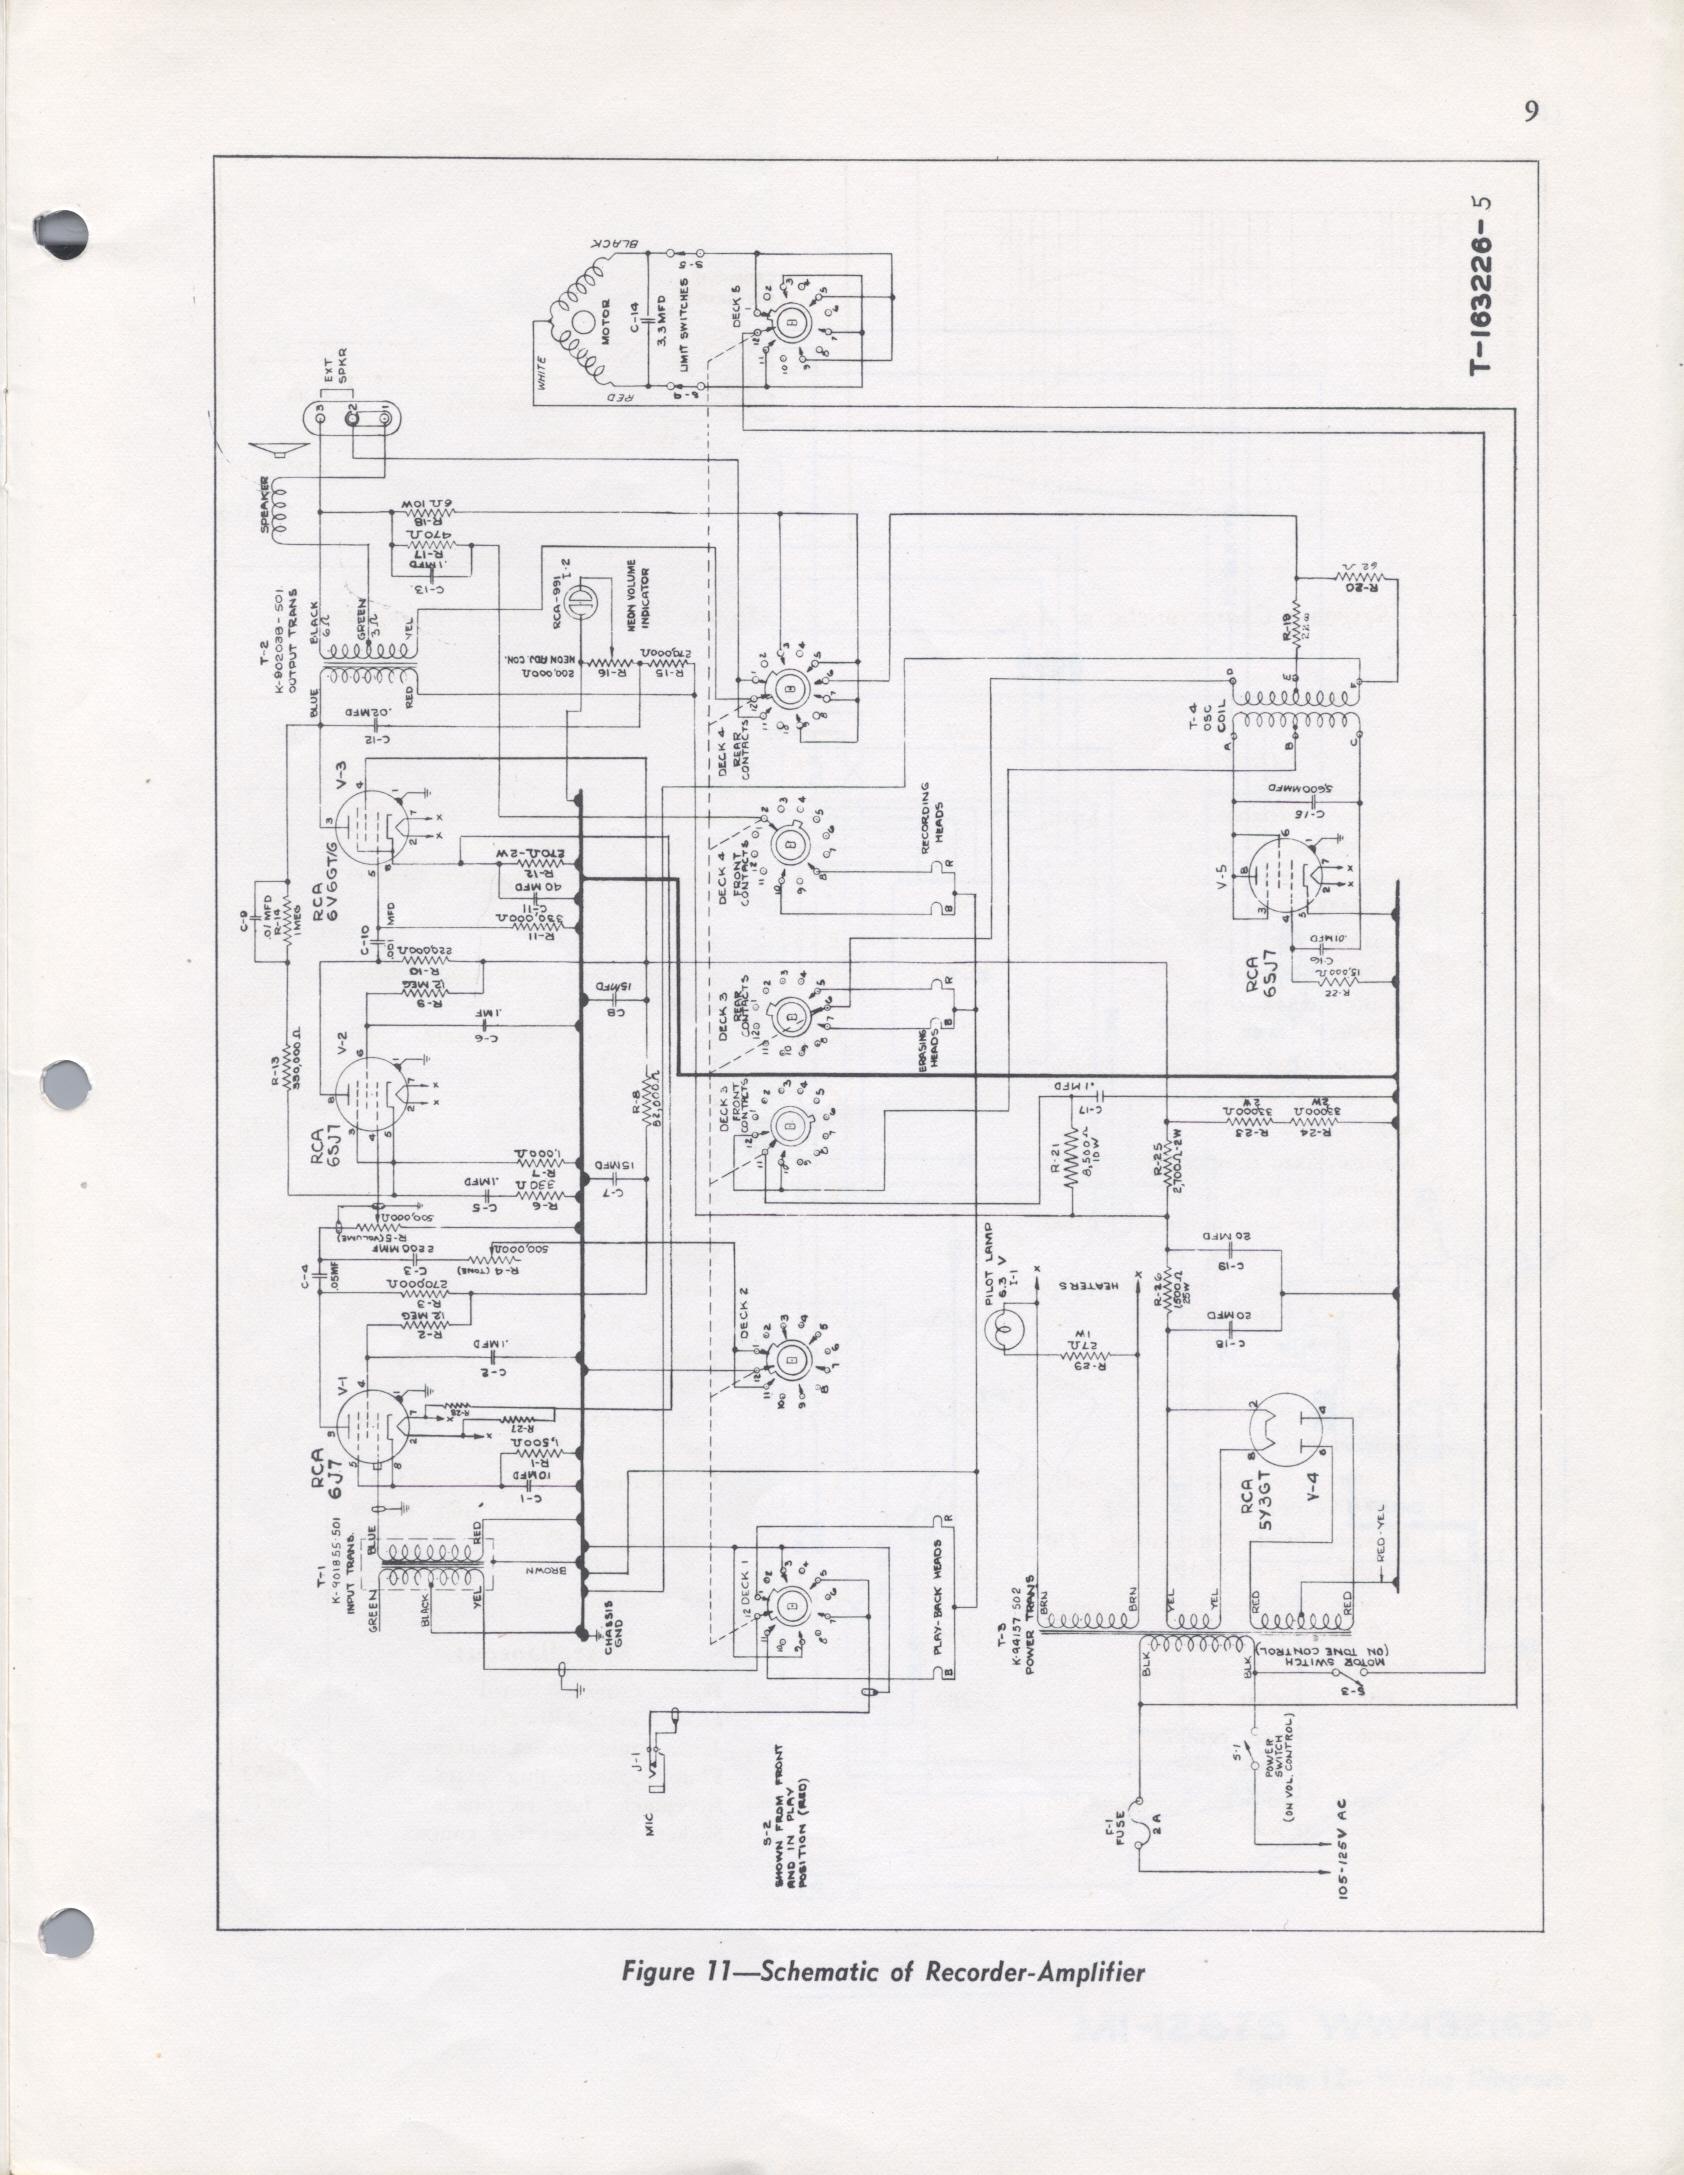 rca model m1 wire recorder rh smecc org Wire Recorder Spools Wire Recorder Spools